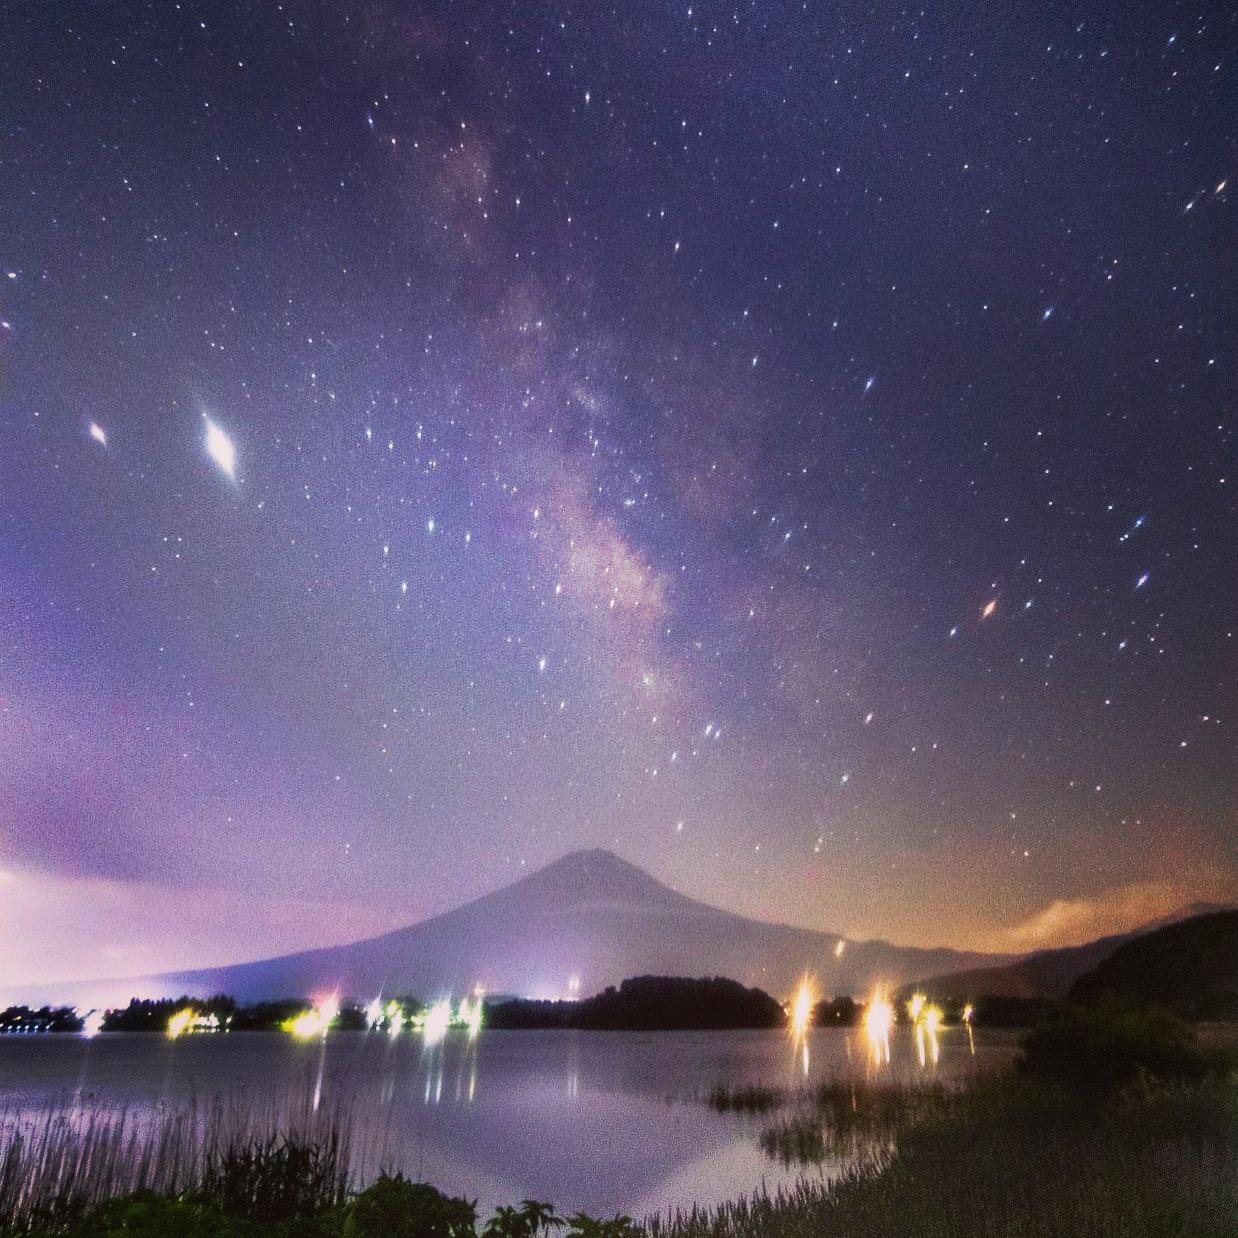 素敵な富士山に会えるかも